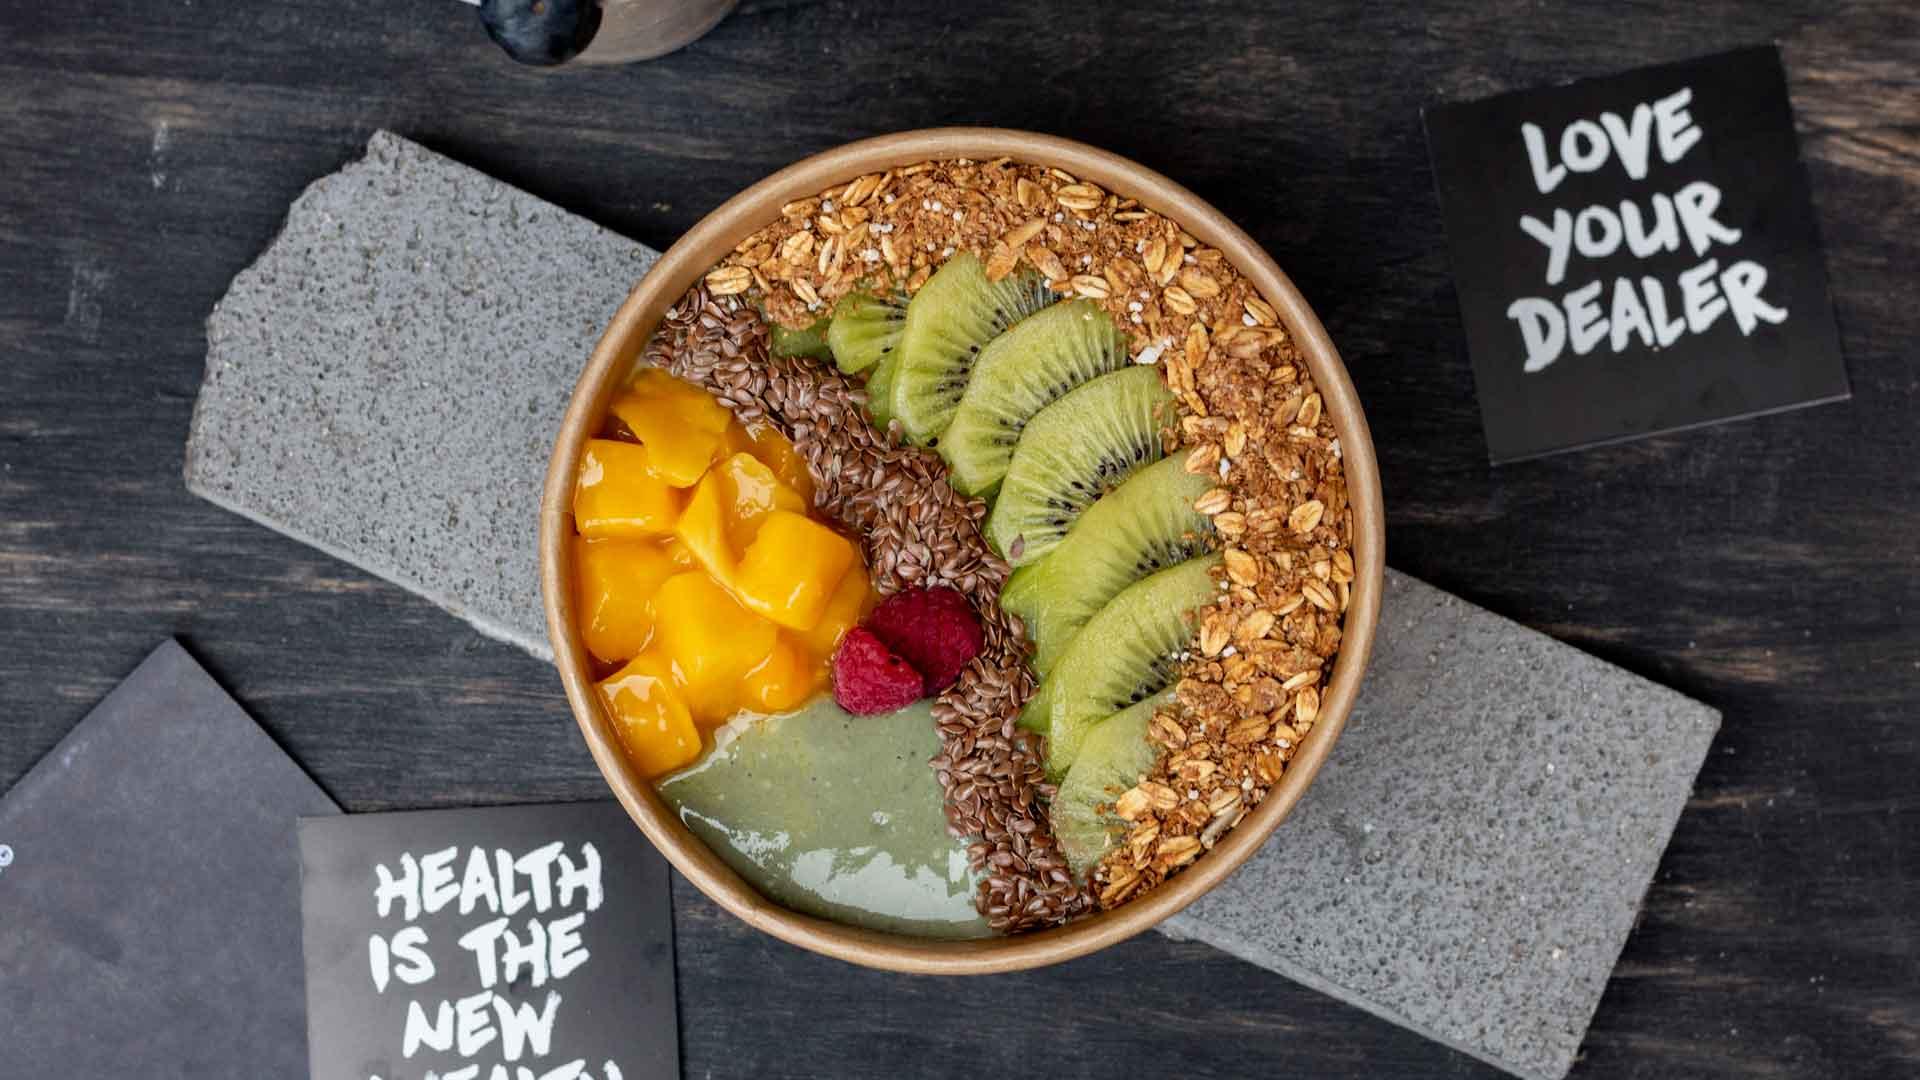 4 motivos para comer en My Healthy Dealer